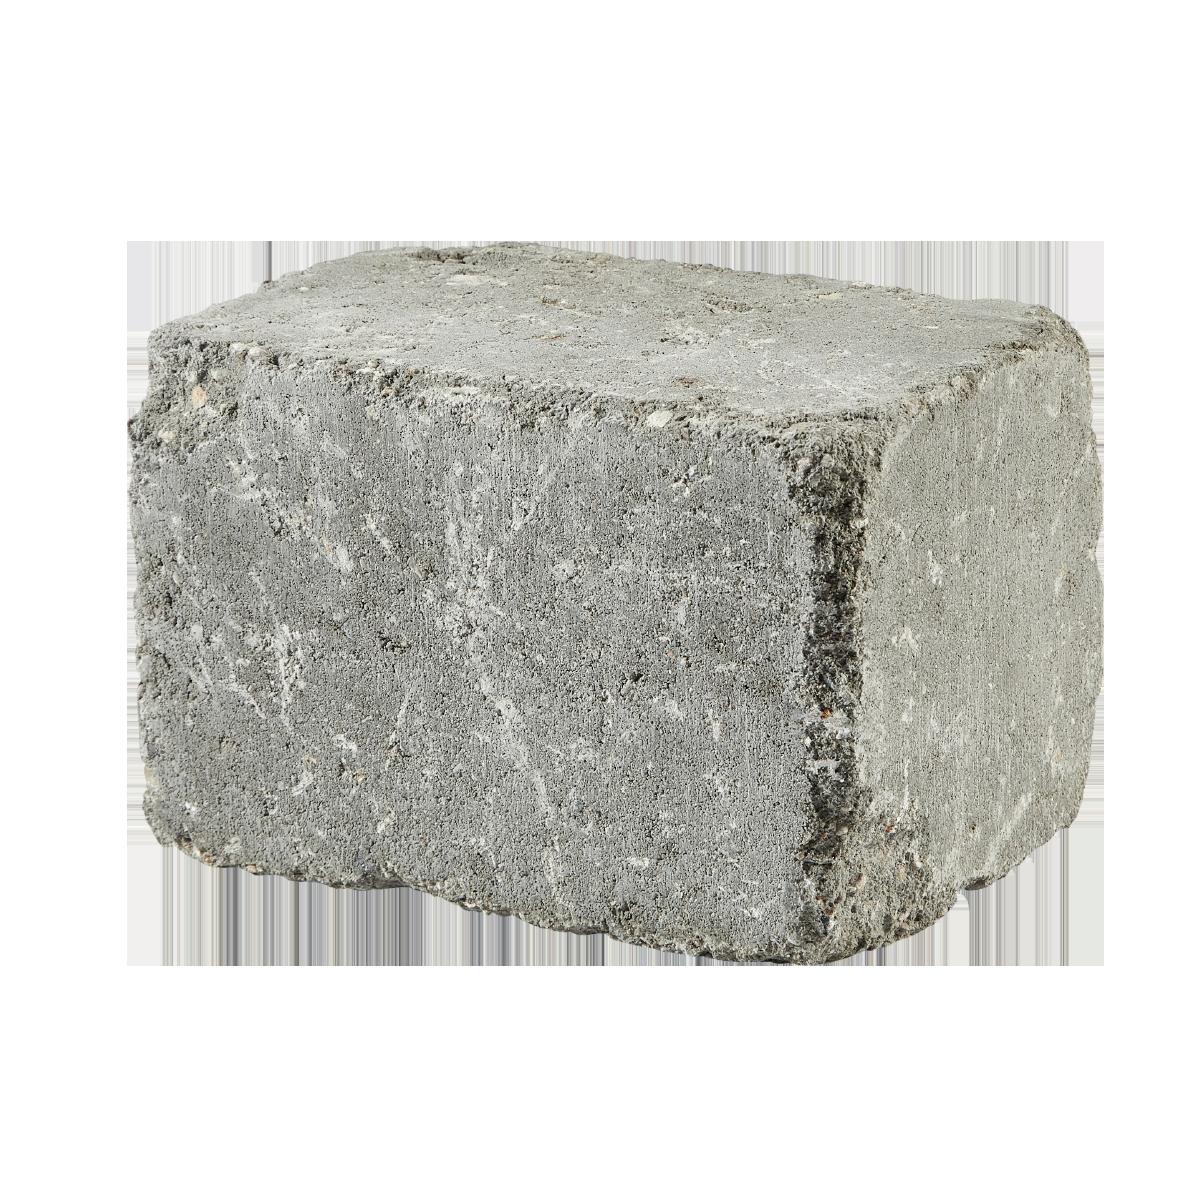 Holmegaardsten® 14x21x14 cm Gråmix Kantblokke